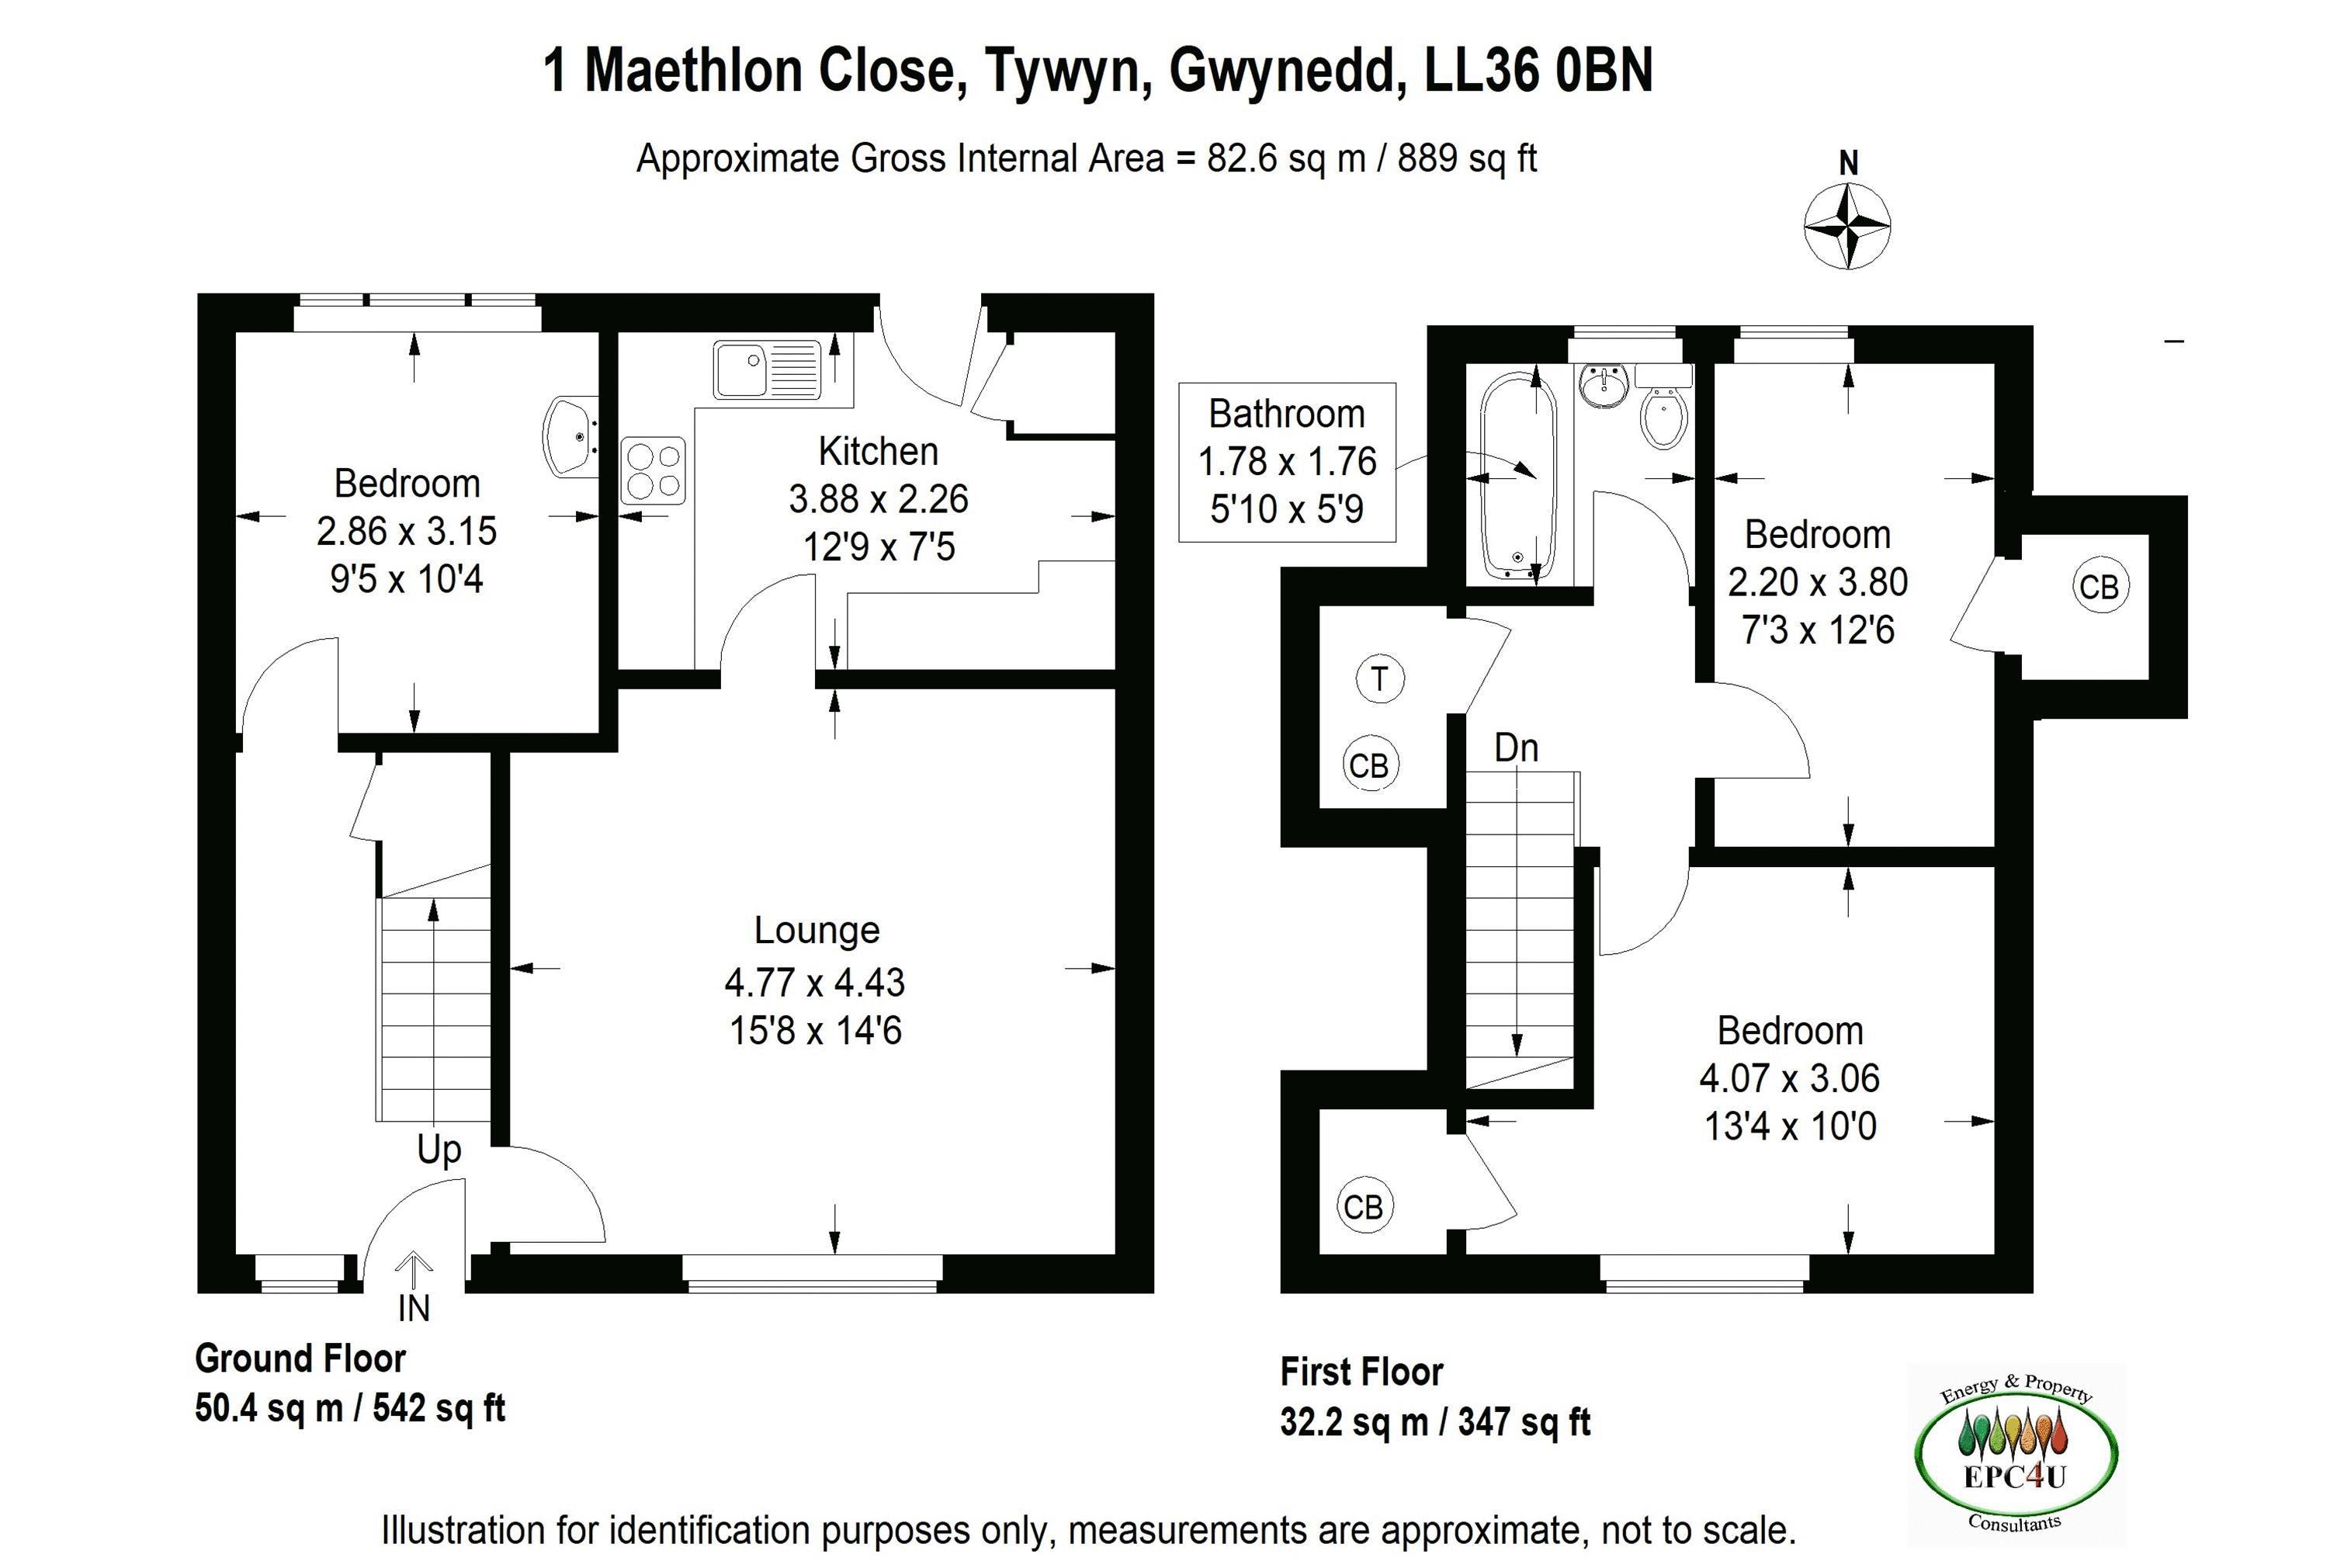 Maethlon Close